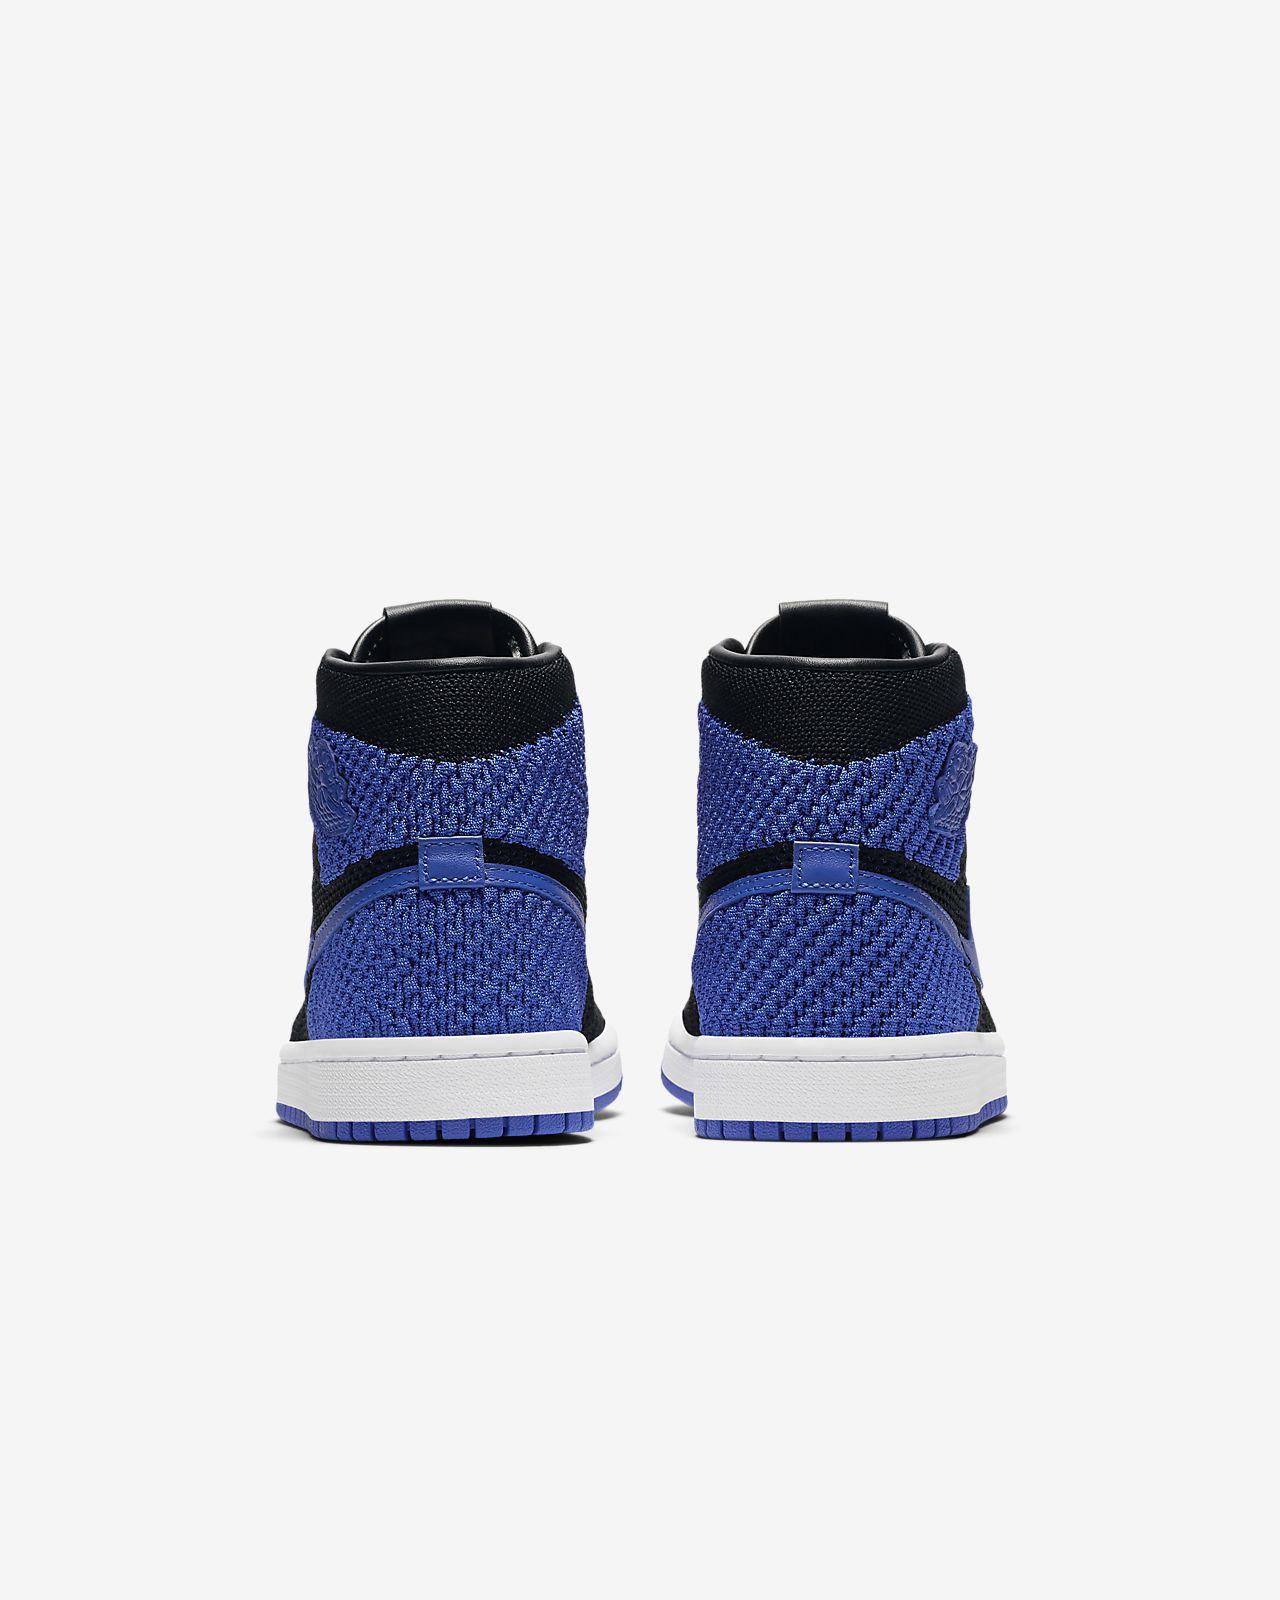 newest 34860 8f78d ... Chaussure Air Jordan 1 Retro High Flyknit pour Enfant plus âgé